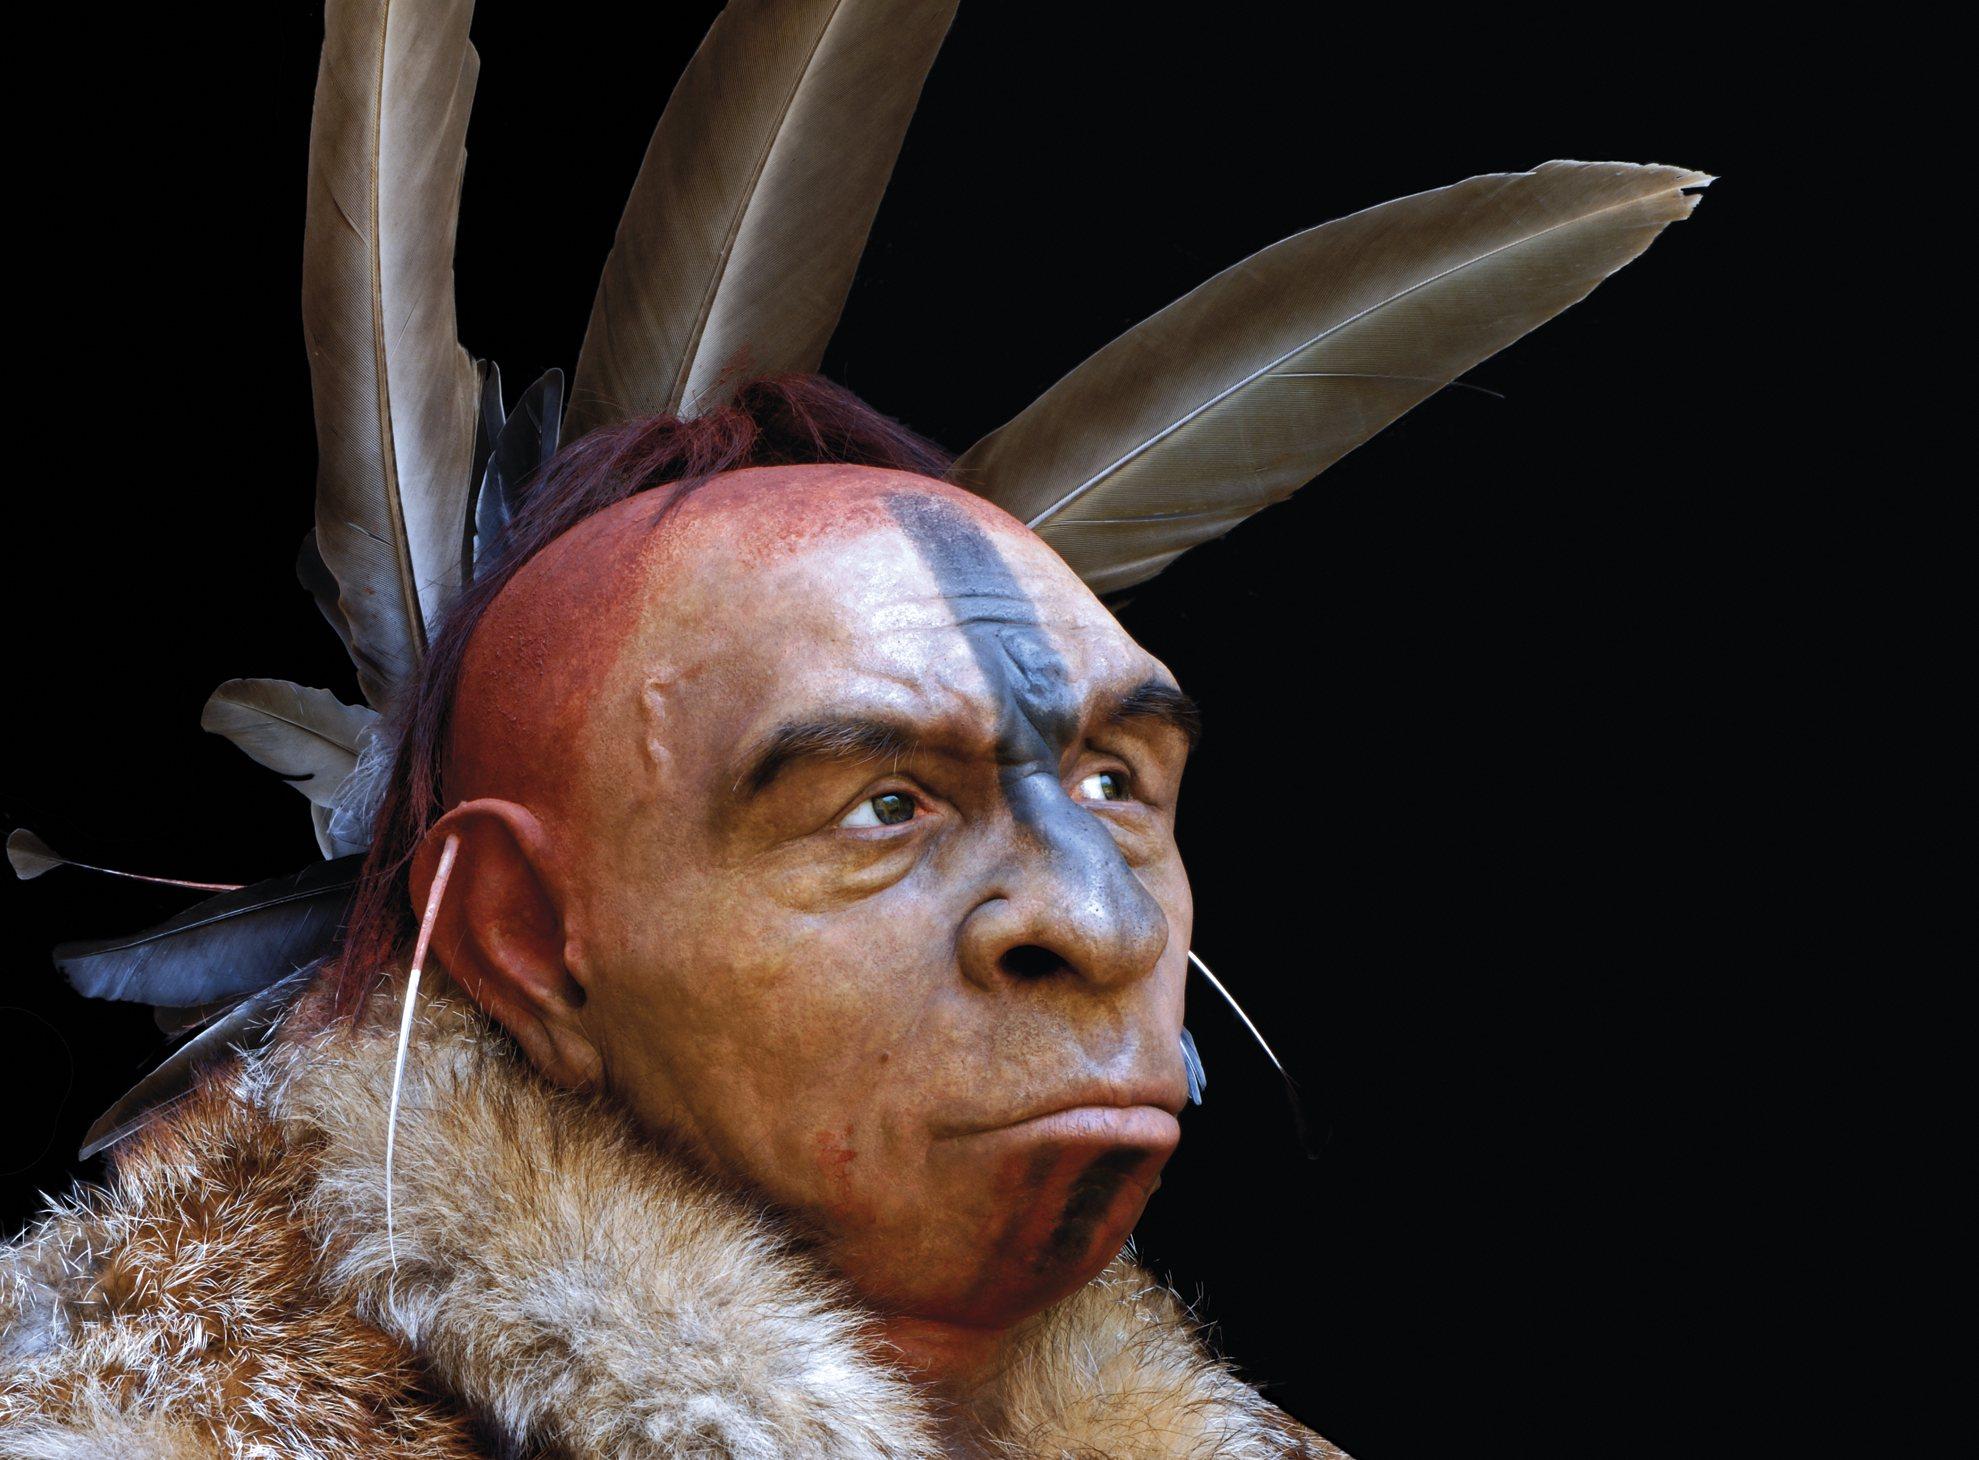 El neandertal que llevamos dentro